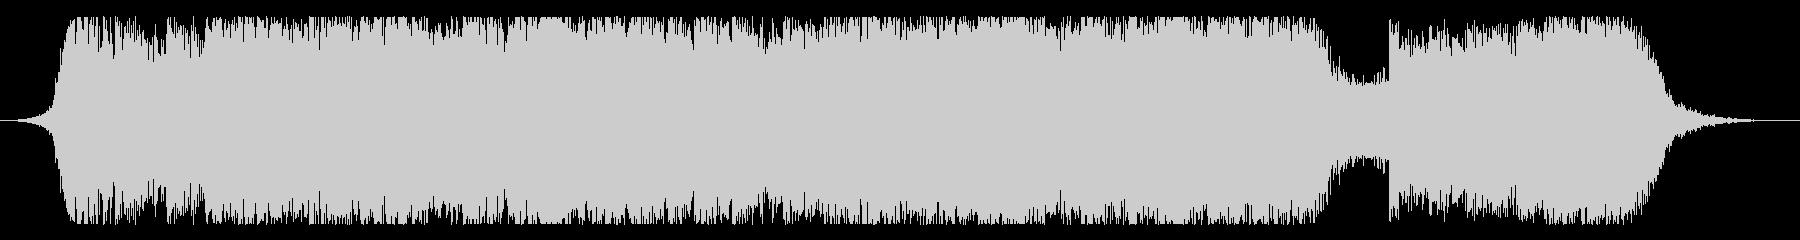 現代の交響曲 積極的 焦り 広い ...の未再生の波形